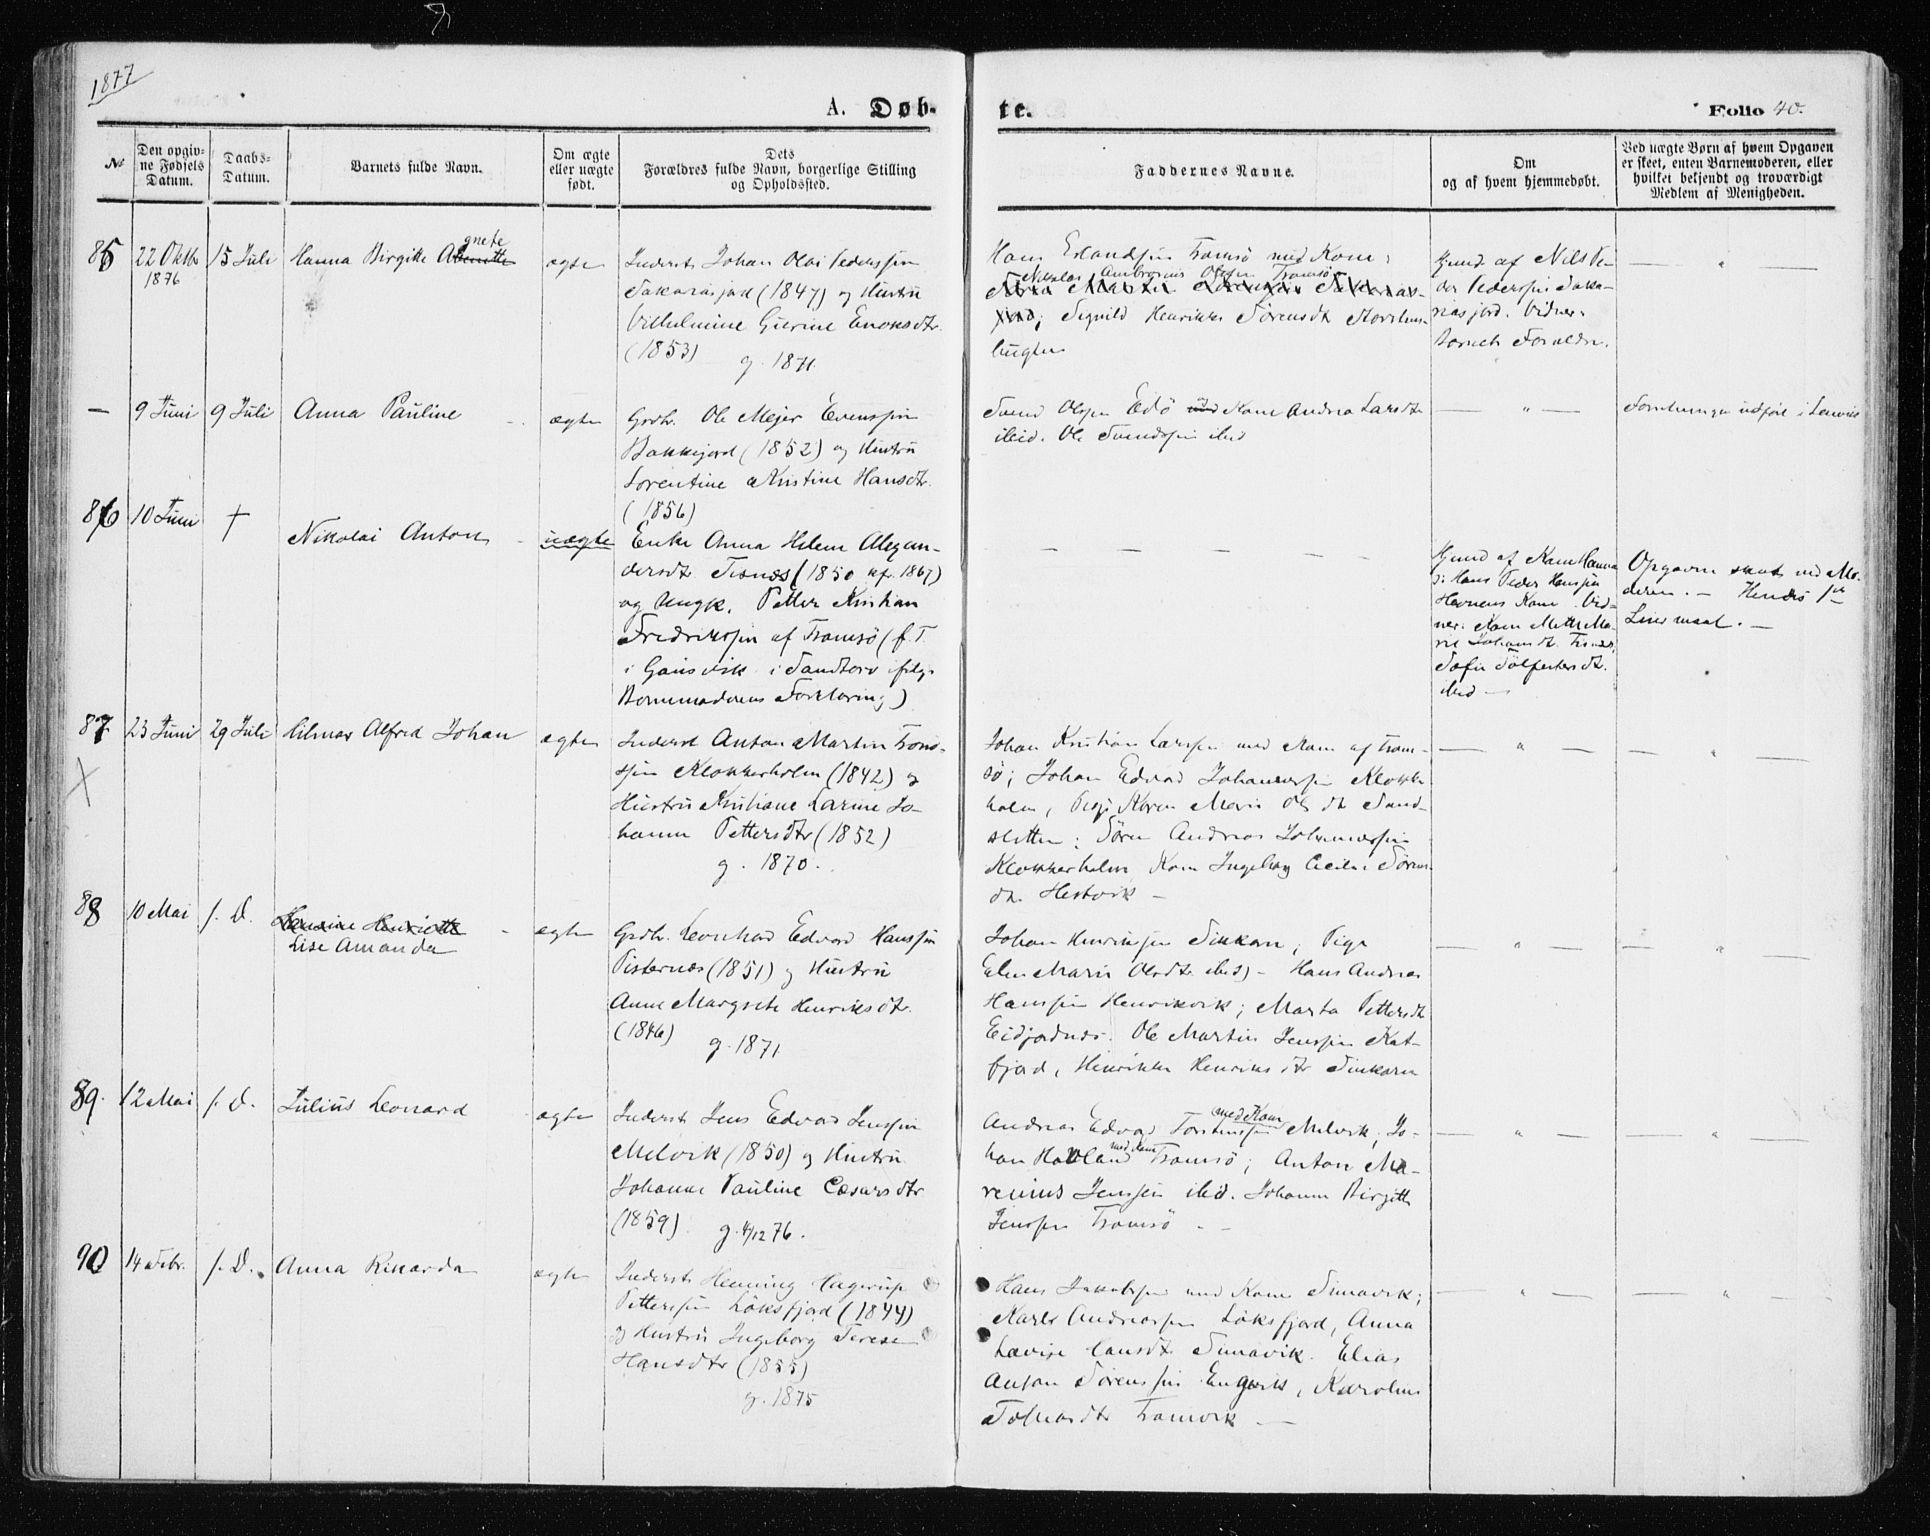 SATØ, Tromsøysund sokneprestkontor, G/Ga/L0003kirke: Ministerialbok nr. 3, 1875-1880, s. 40